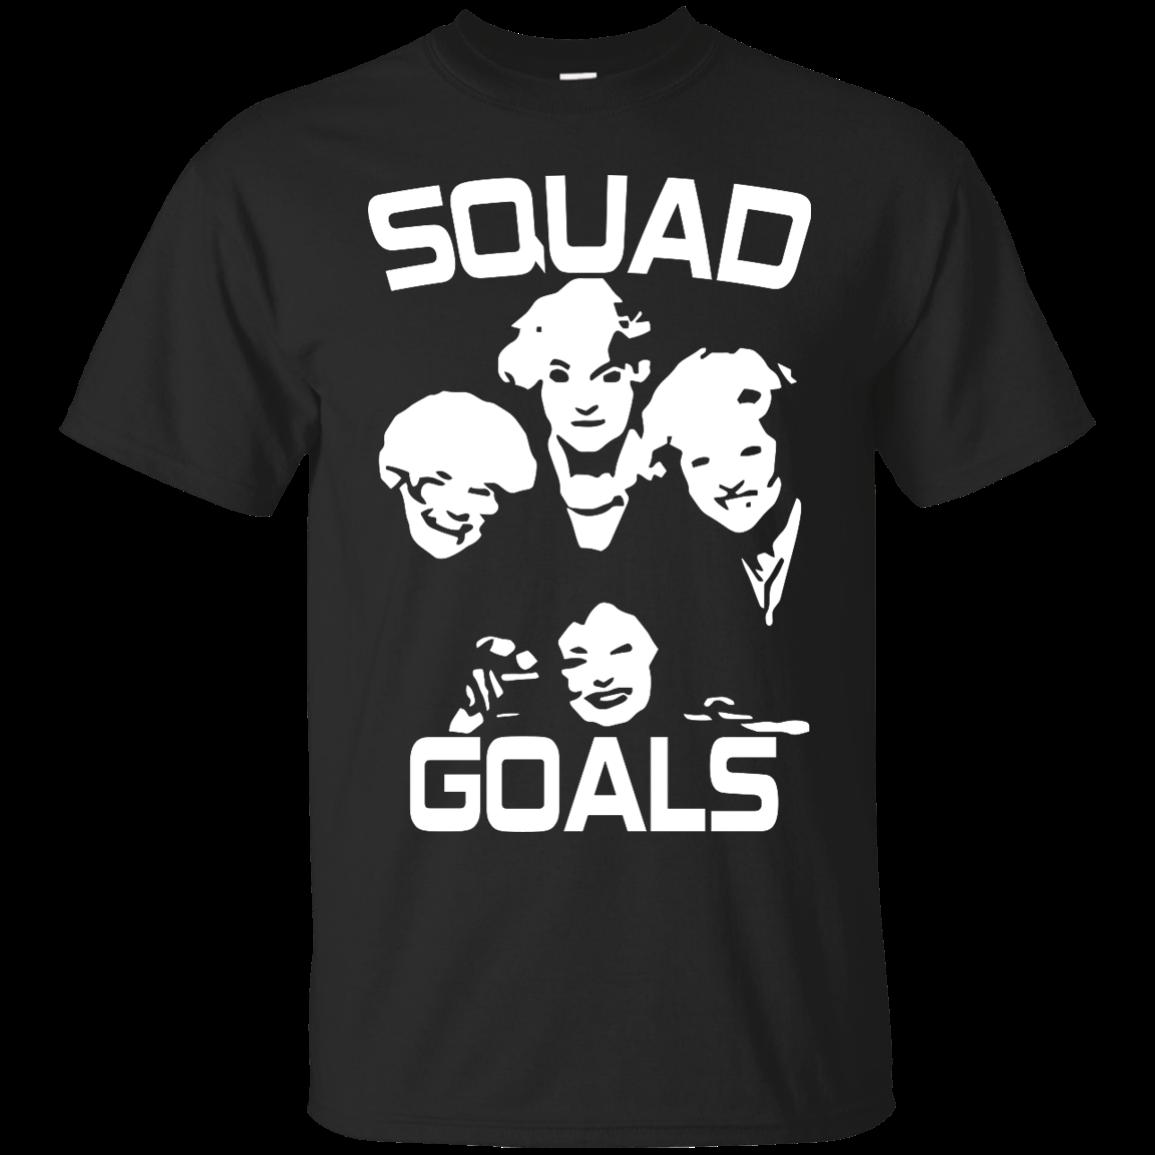 a11fdebcf The Golden Girls: Squad Goals T-Shirt